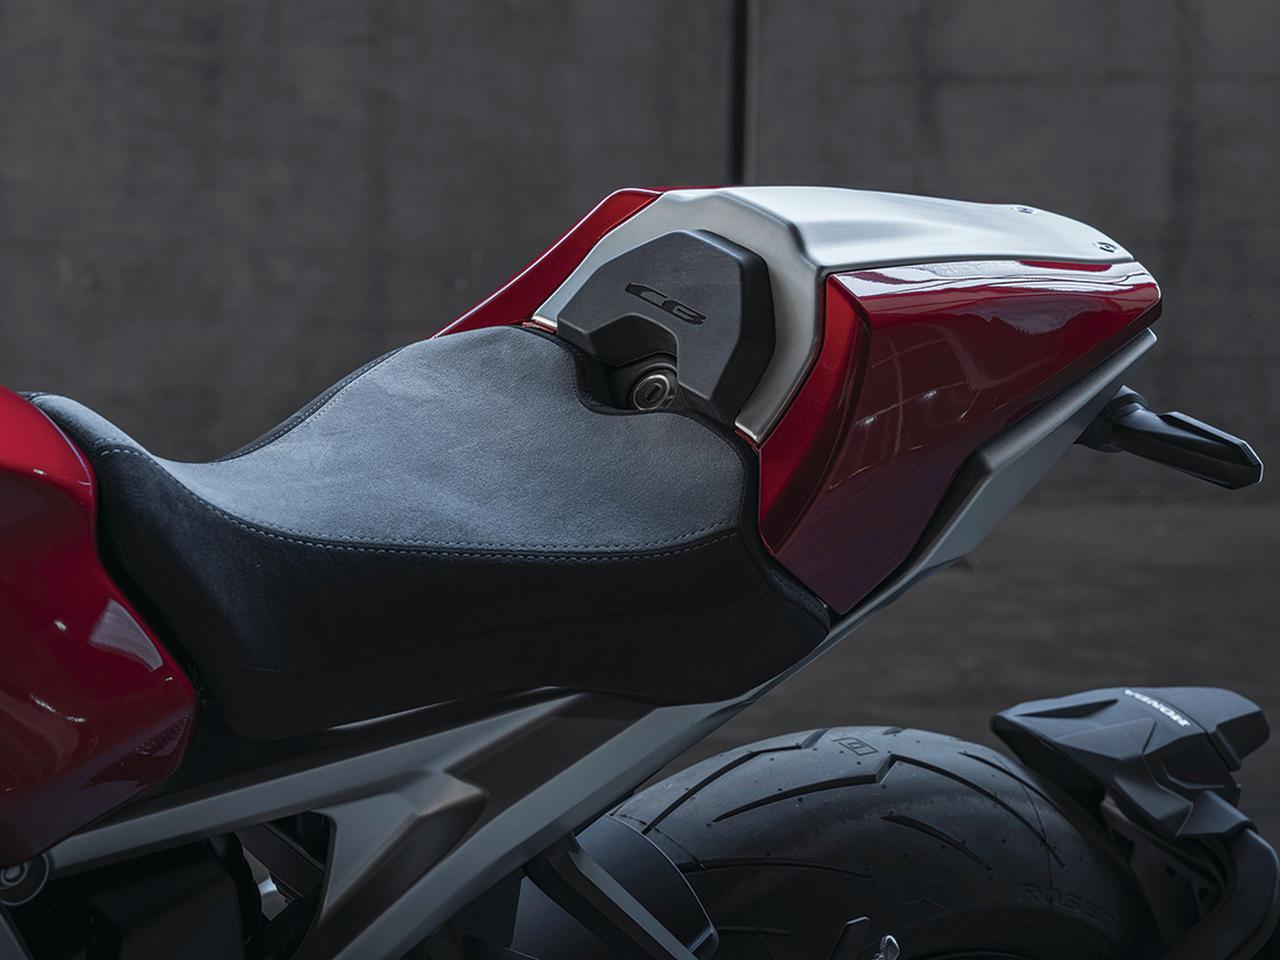 画像: 上級グレードとして設定されるCB1000Rプラスには、シングルシート風のシートカバーとメーターバイザーが装着されている。